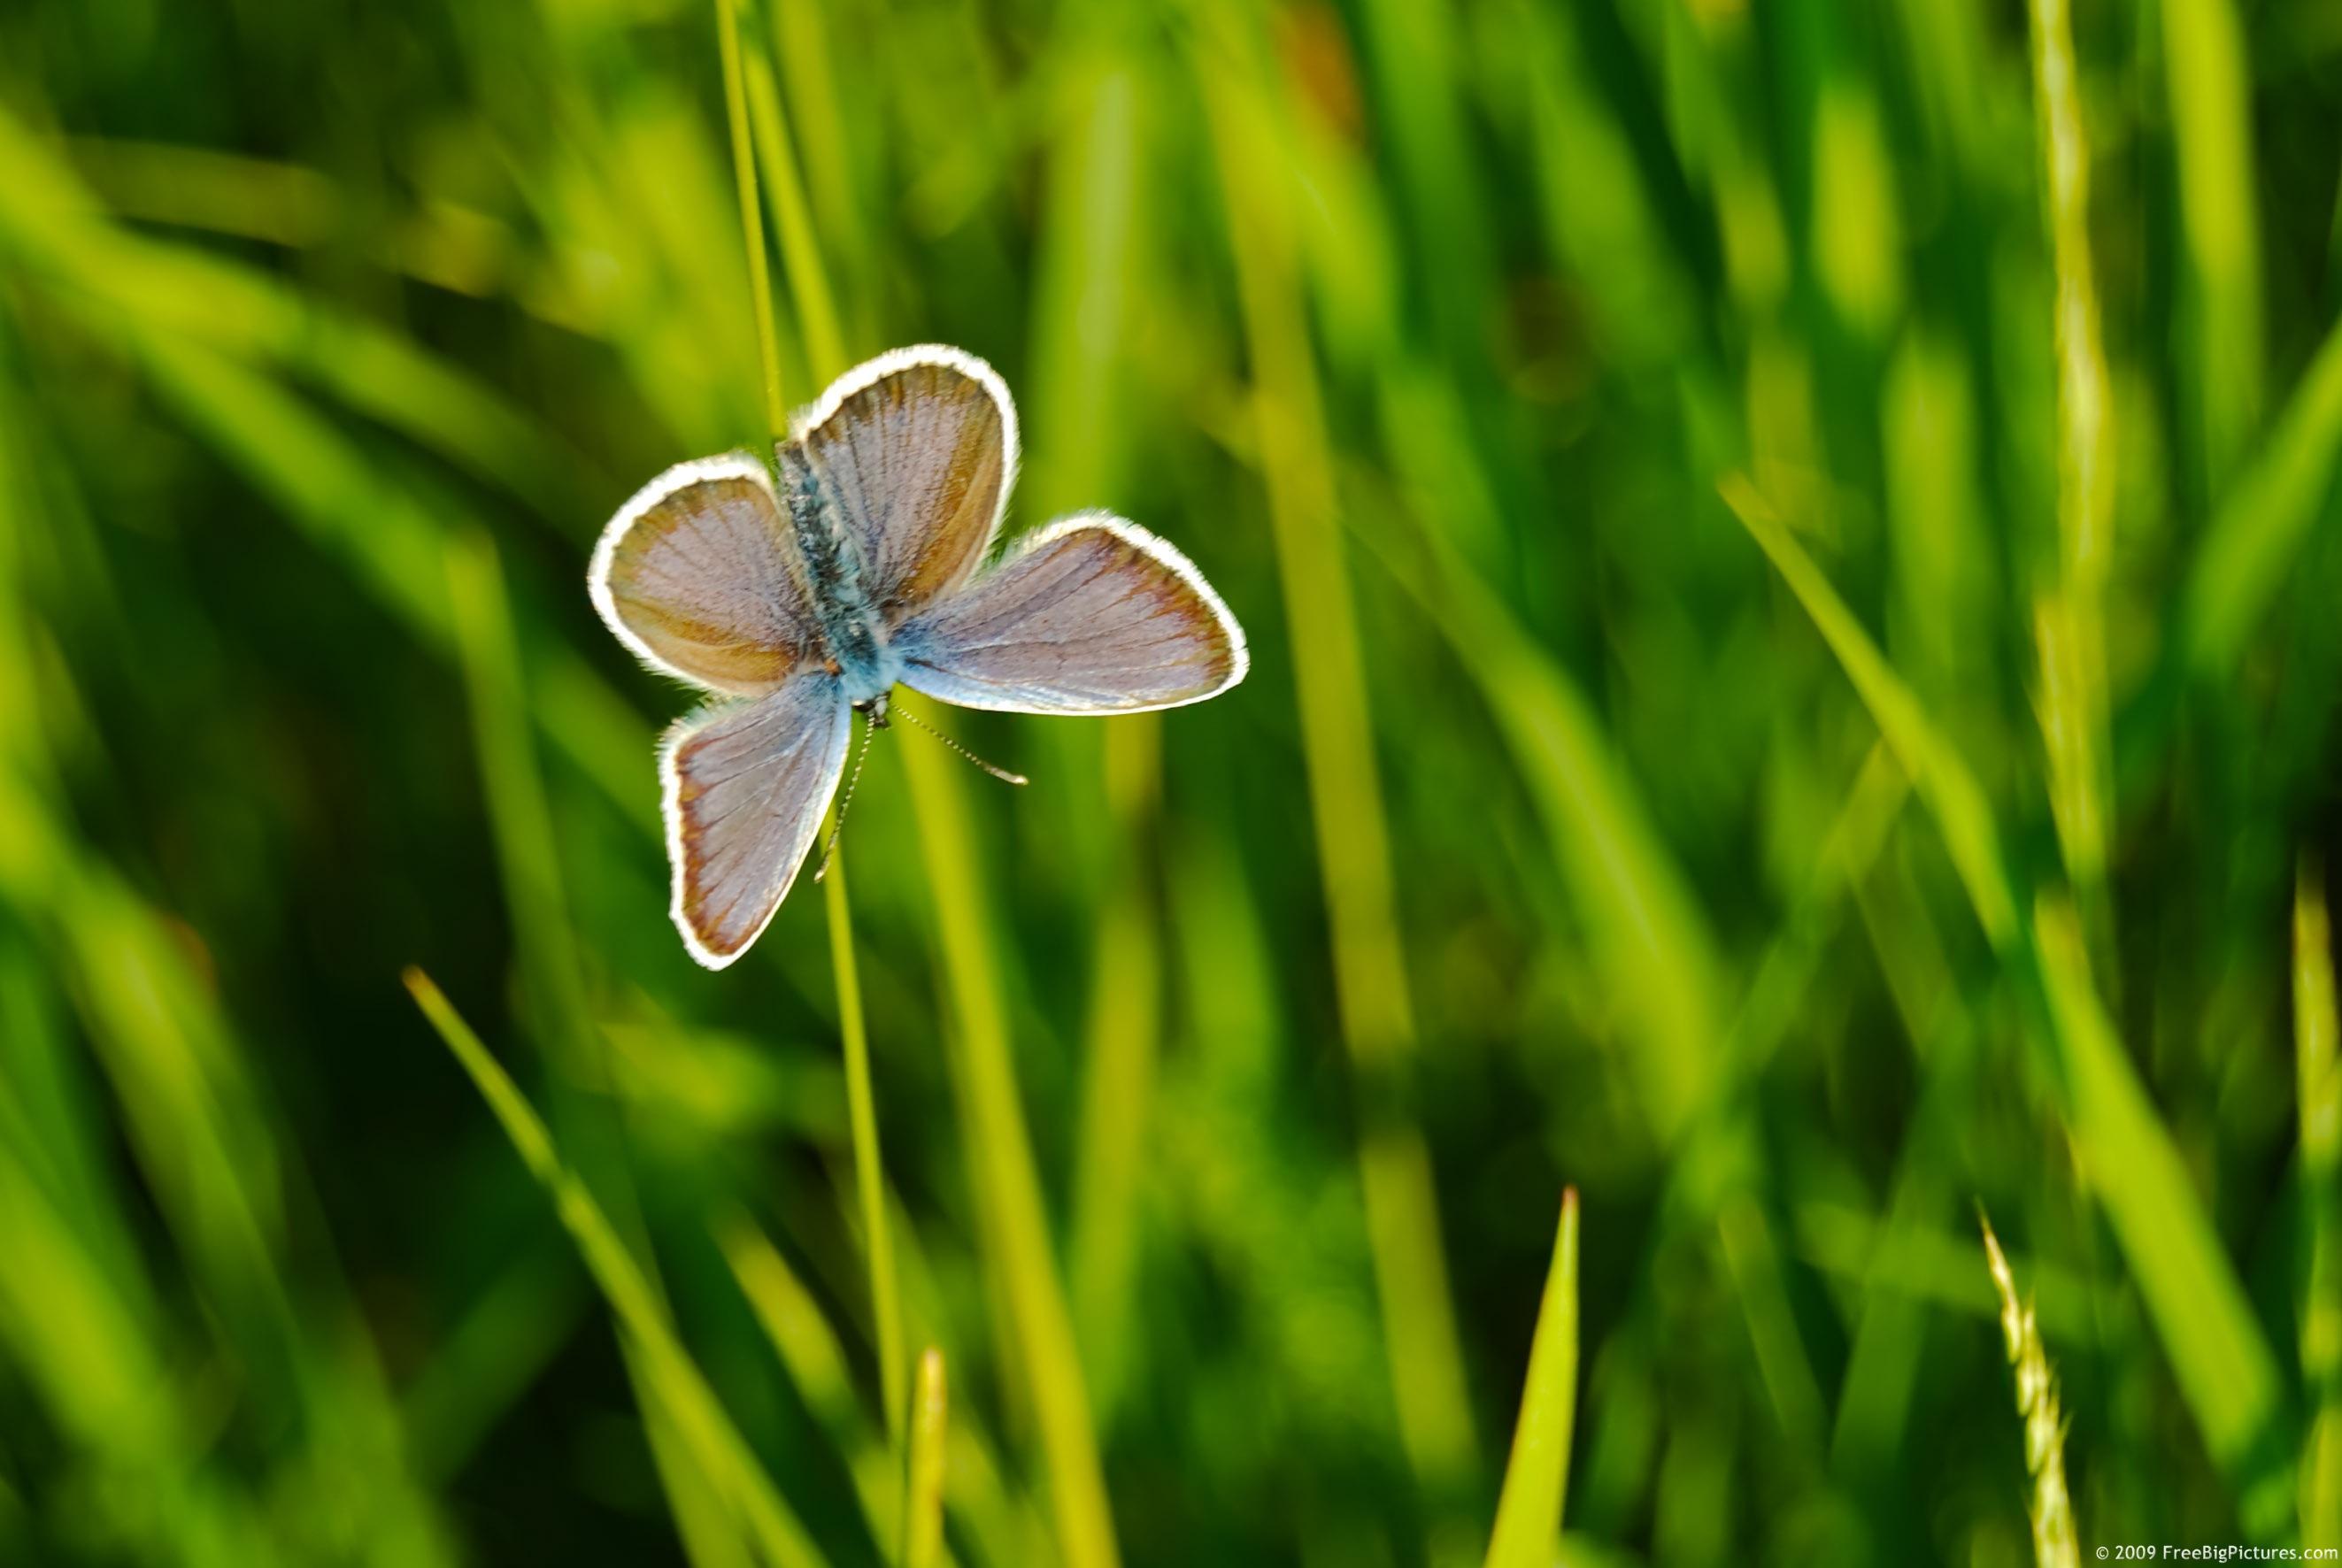 бобочка, травка, зелень, весна, скачать фото